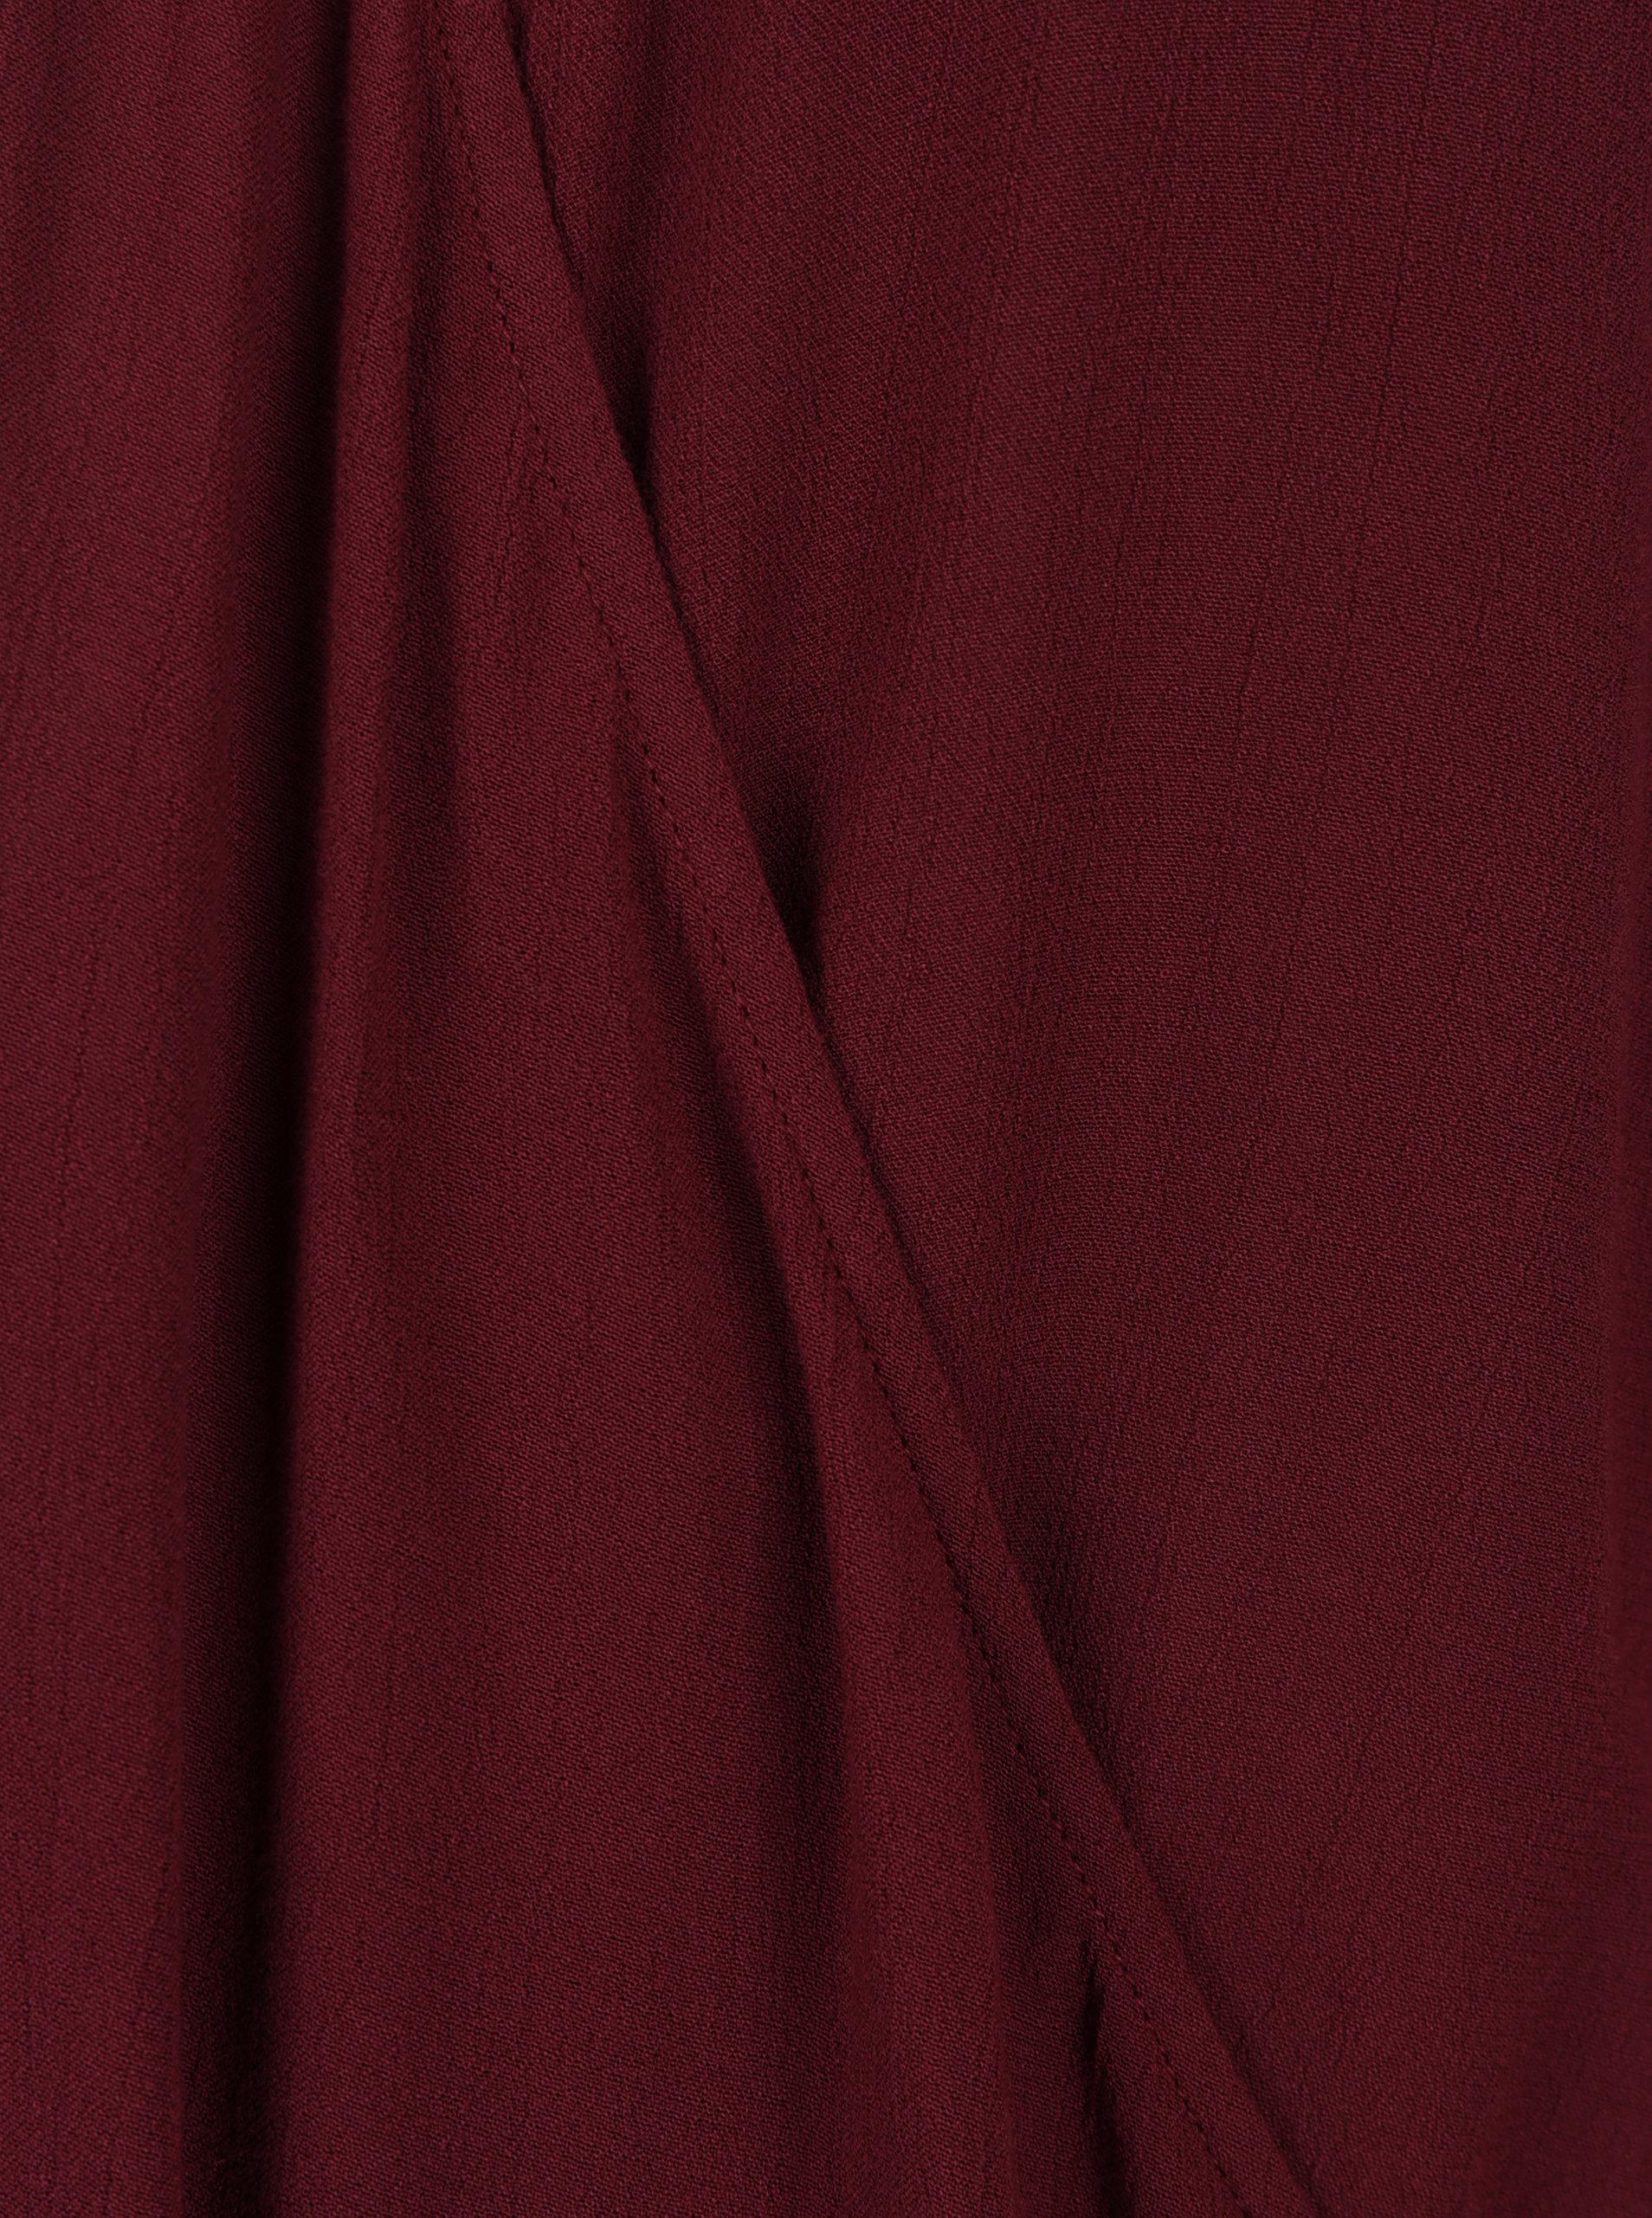 875f1a6788 Vínová blúzka s prekladaným výstrihom VERO MODA Misty ...